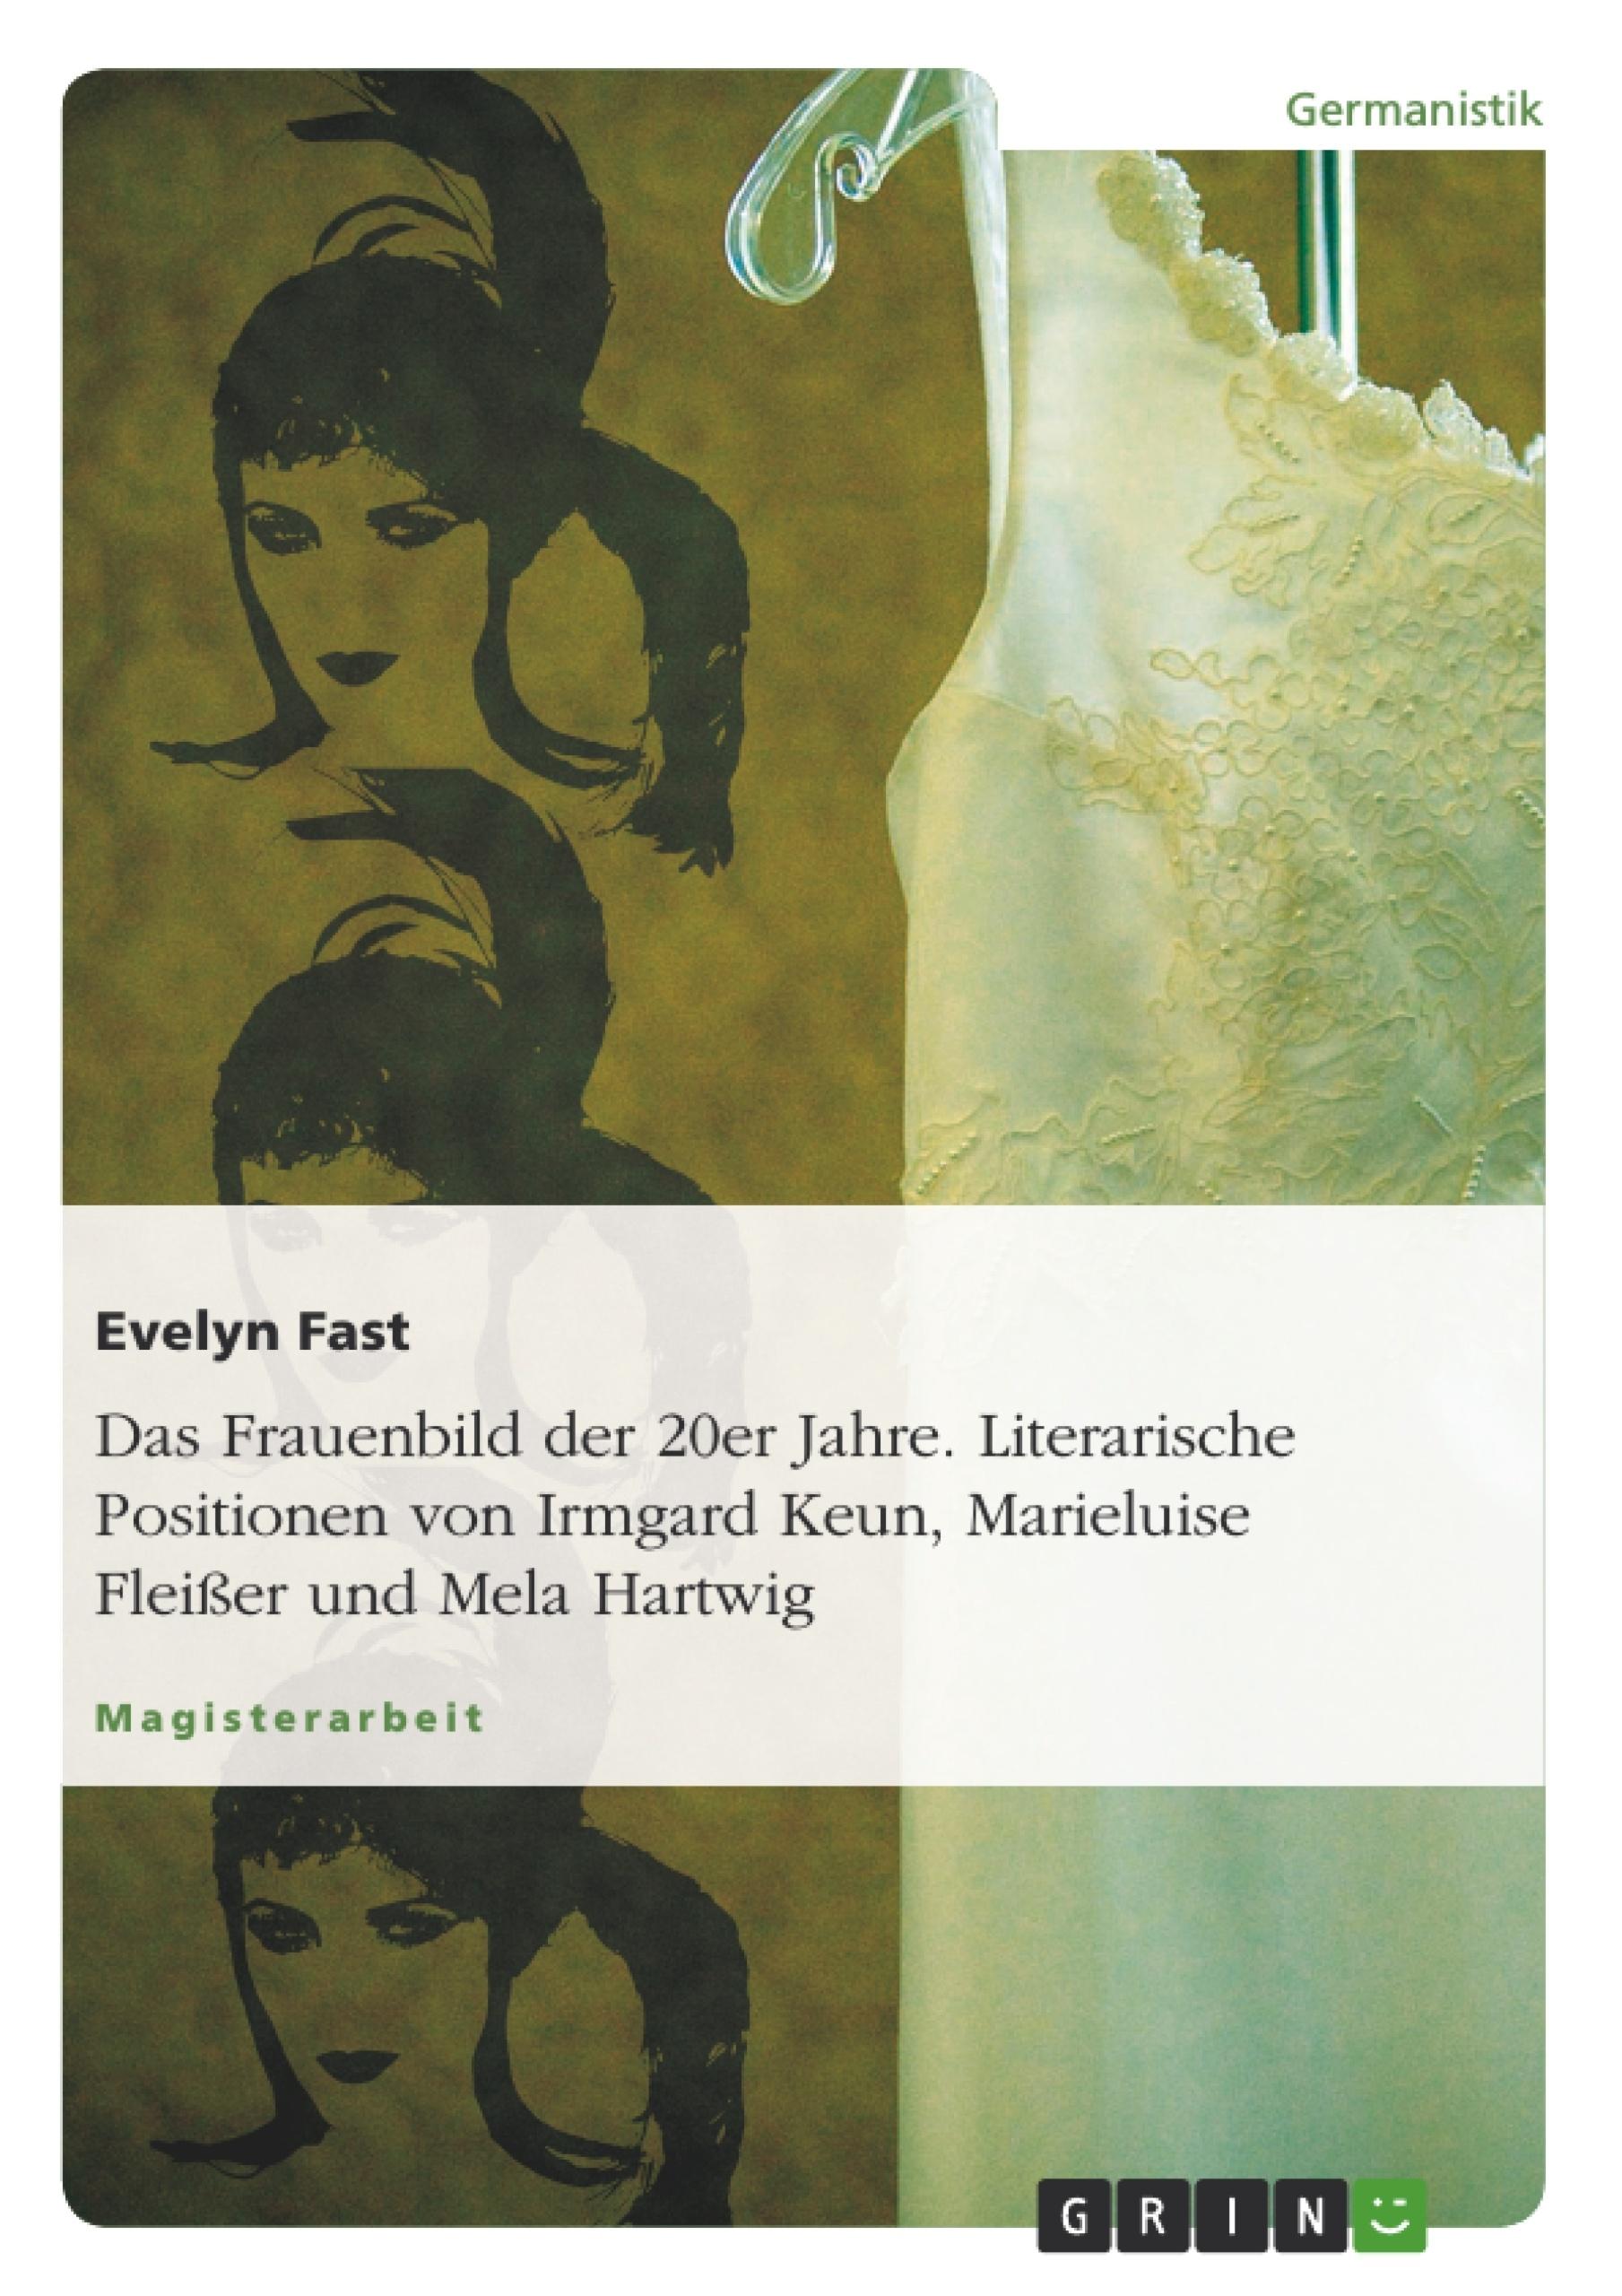 Titel: Das Frauenbild der 20er Jahre. Literarische Positionen von Irmgard Keun, Marieluise Fleißer und Mela Hartwig